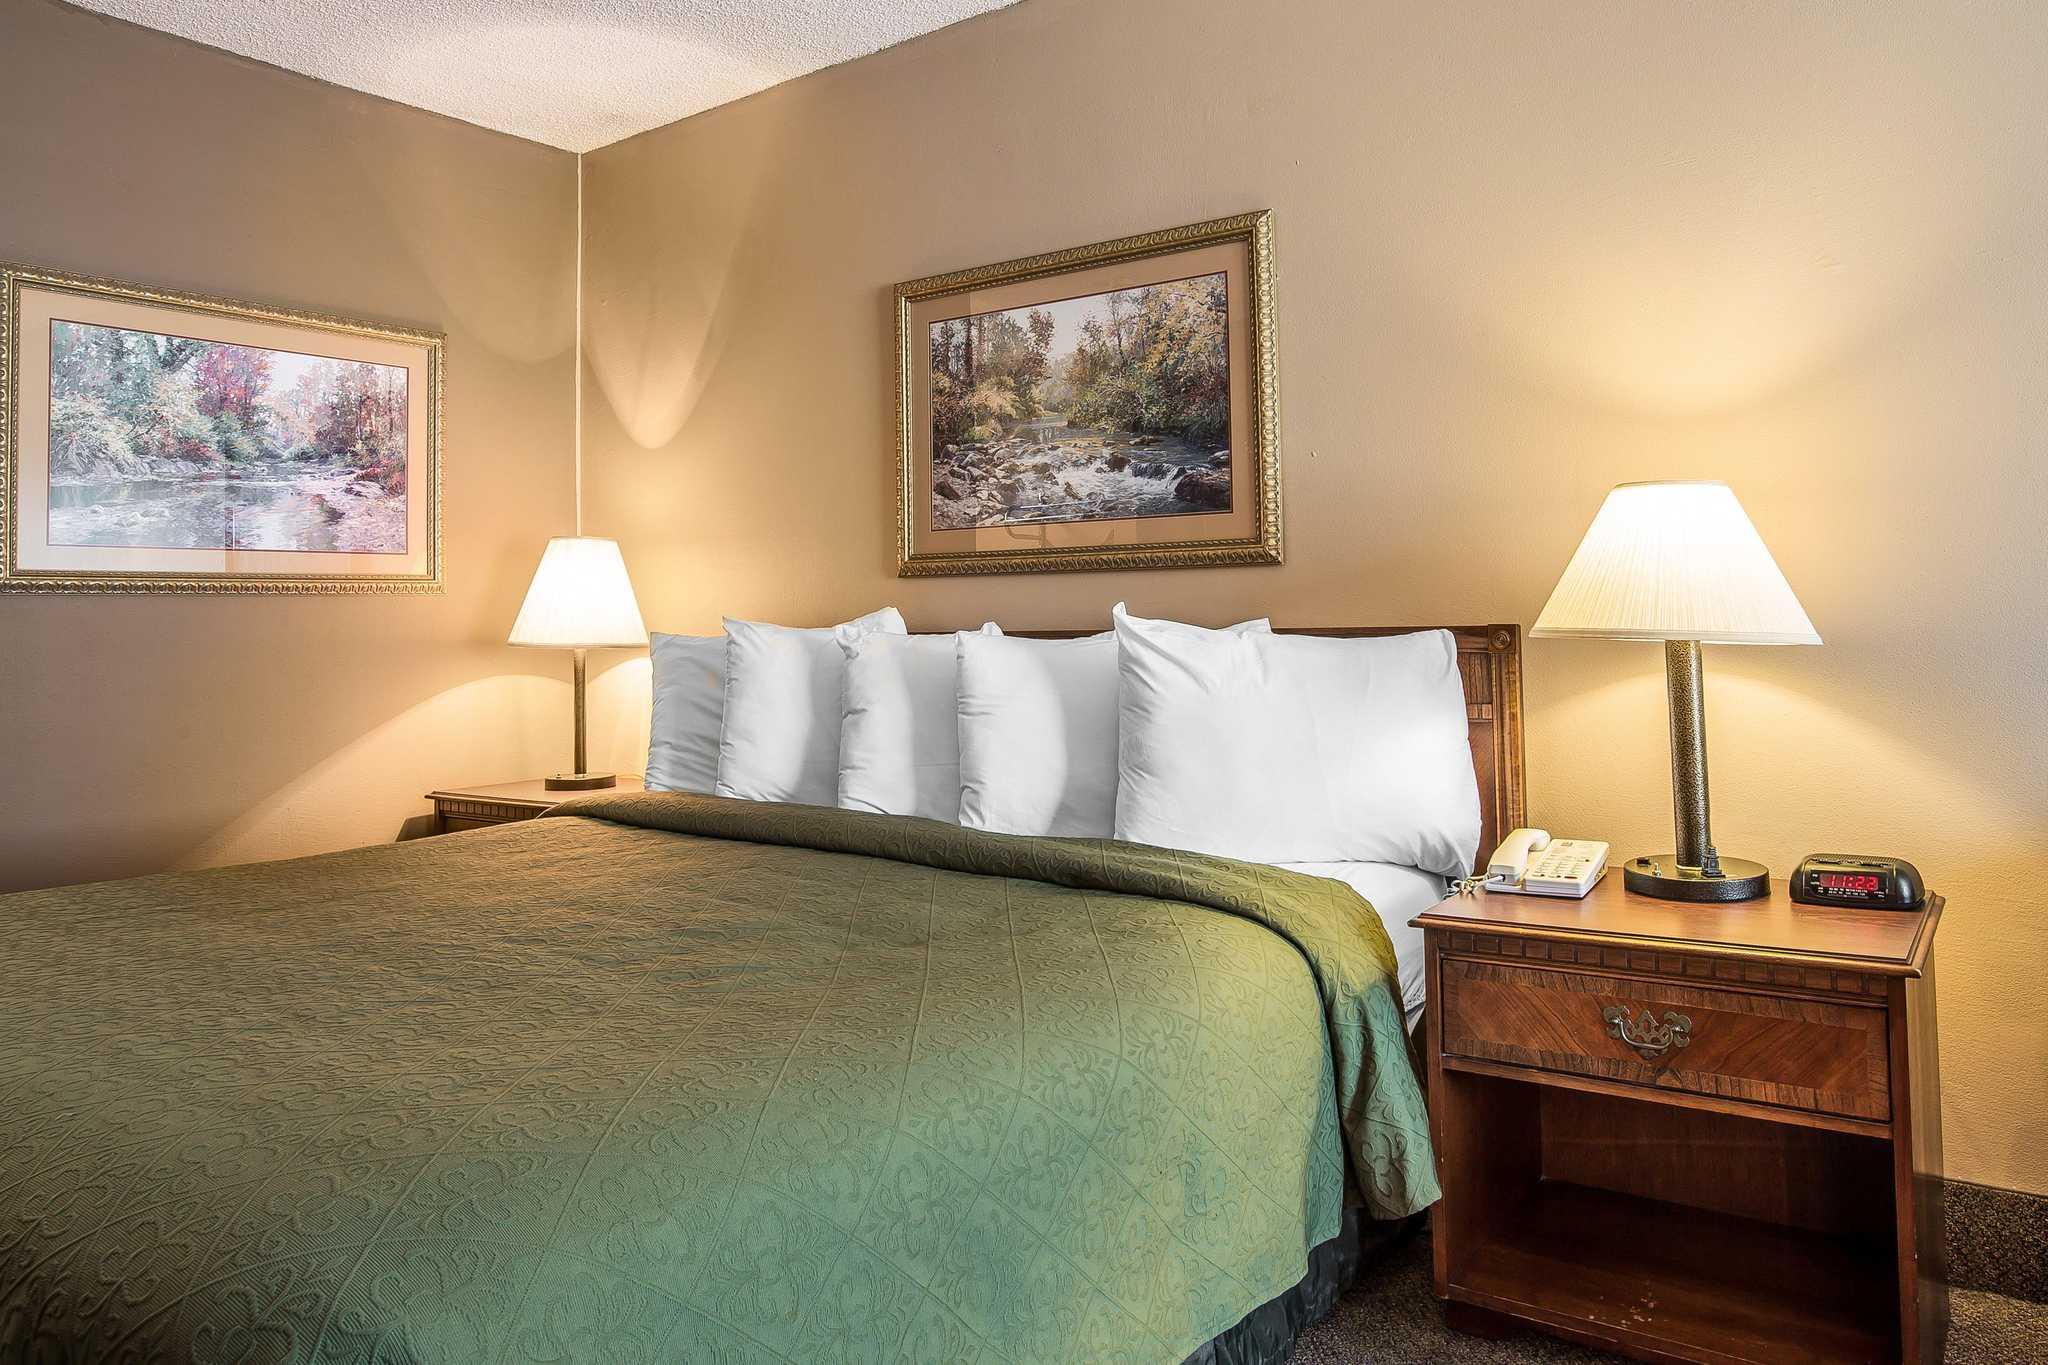 Quality Inn & Suites Mt. Chalet image 0